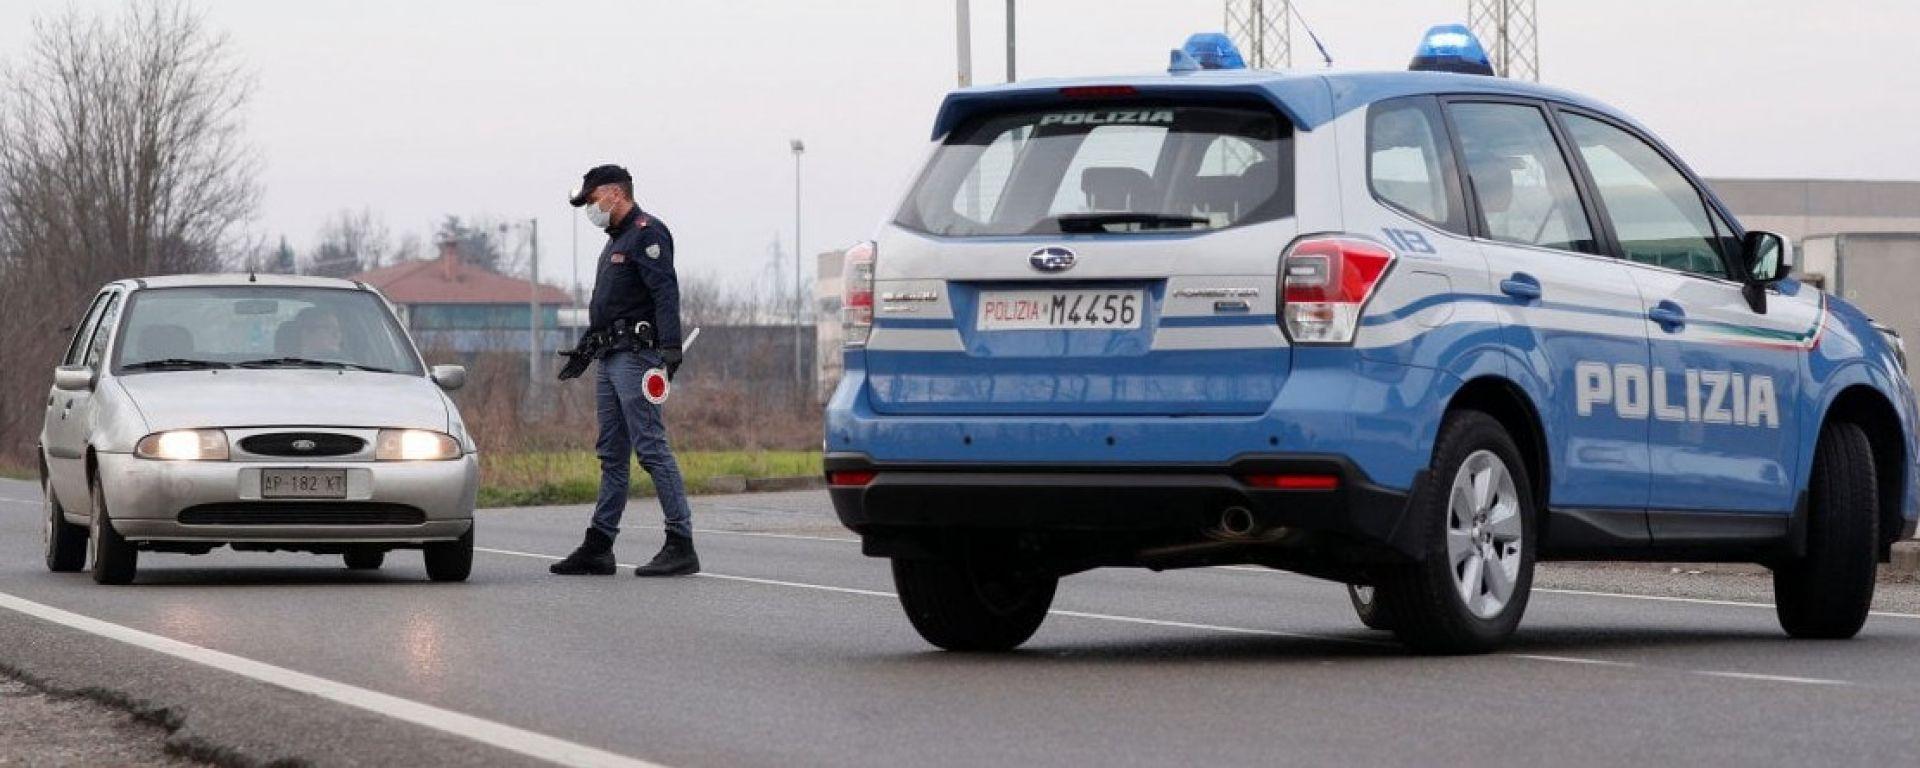 Coronavirus, sulle strade attivi i controlli della Polizia